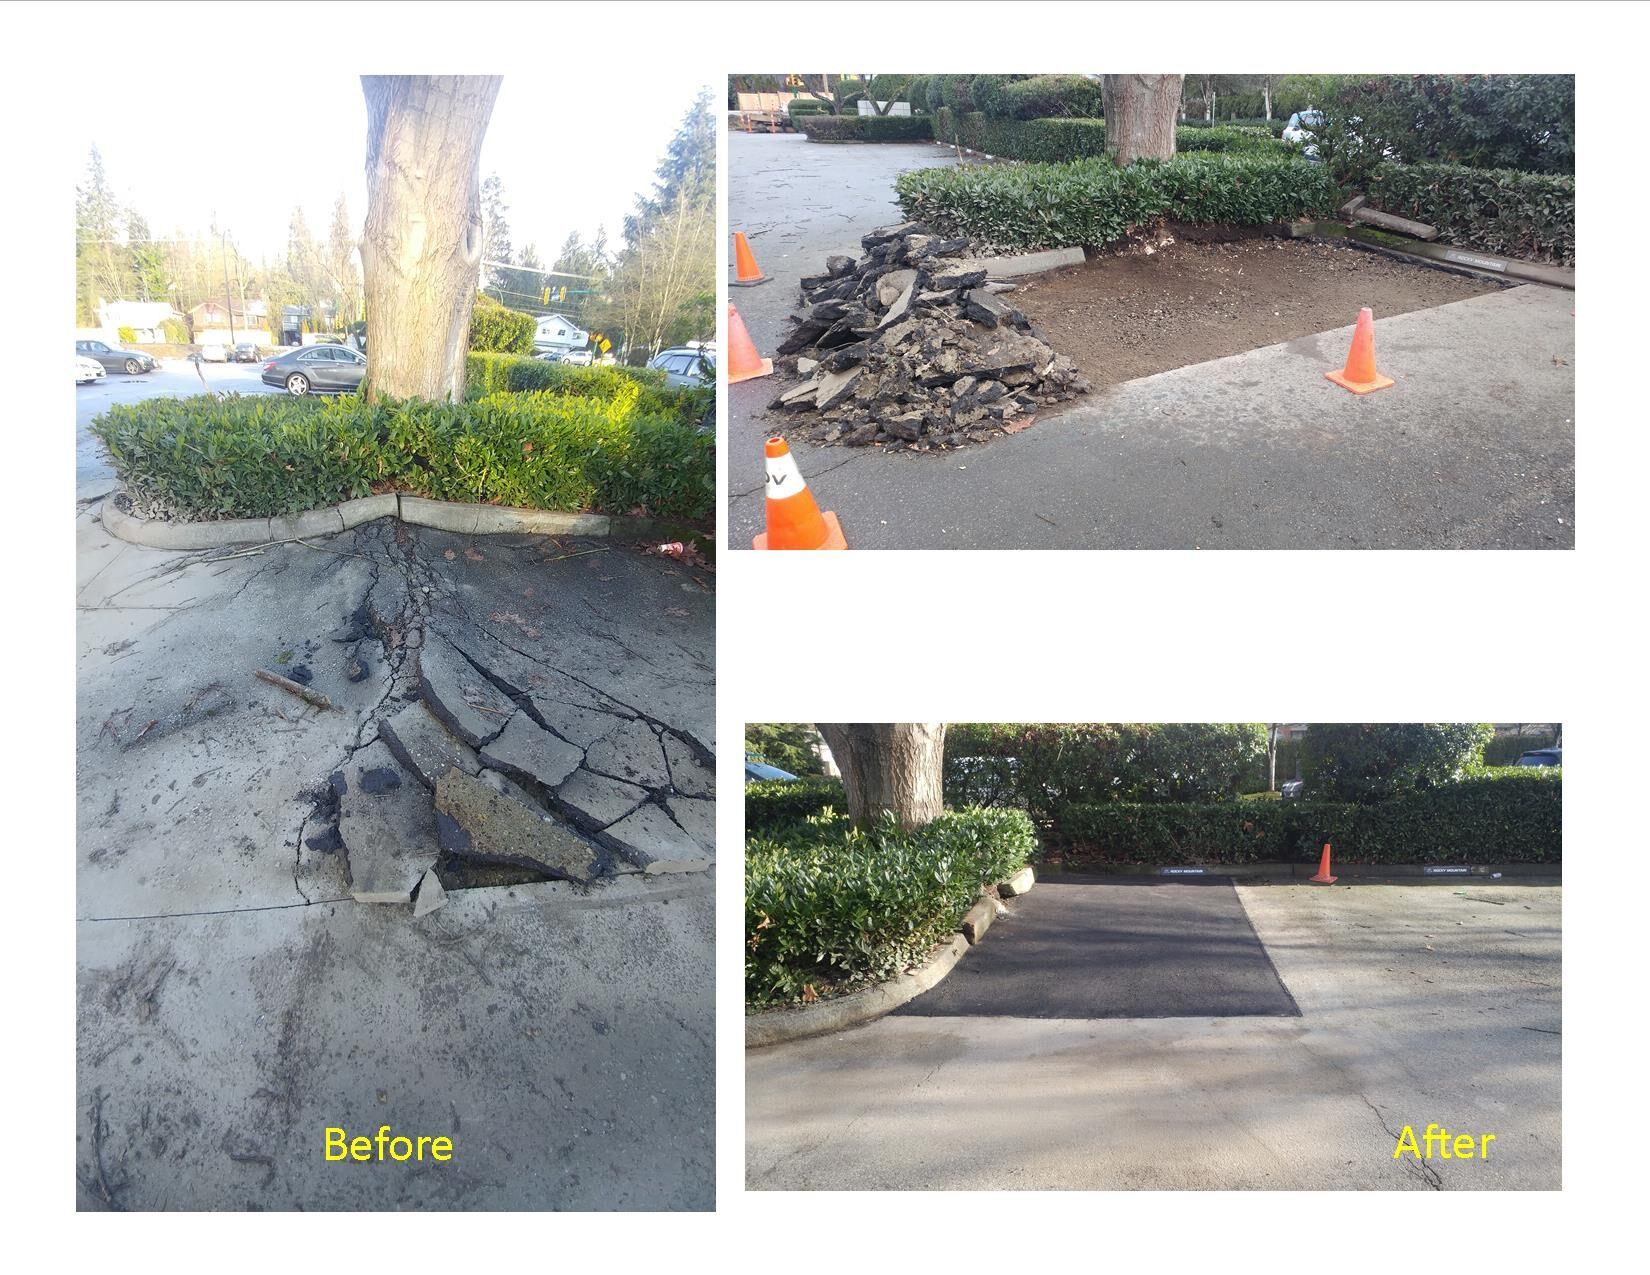 Parking lot repair - tree root damage